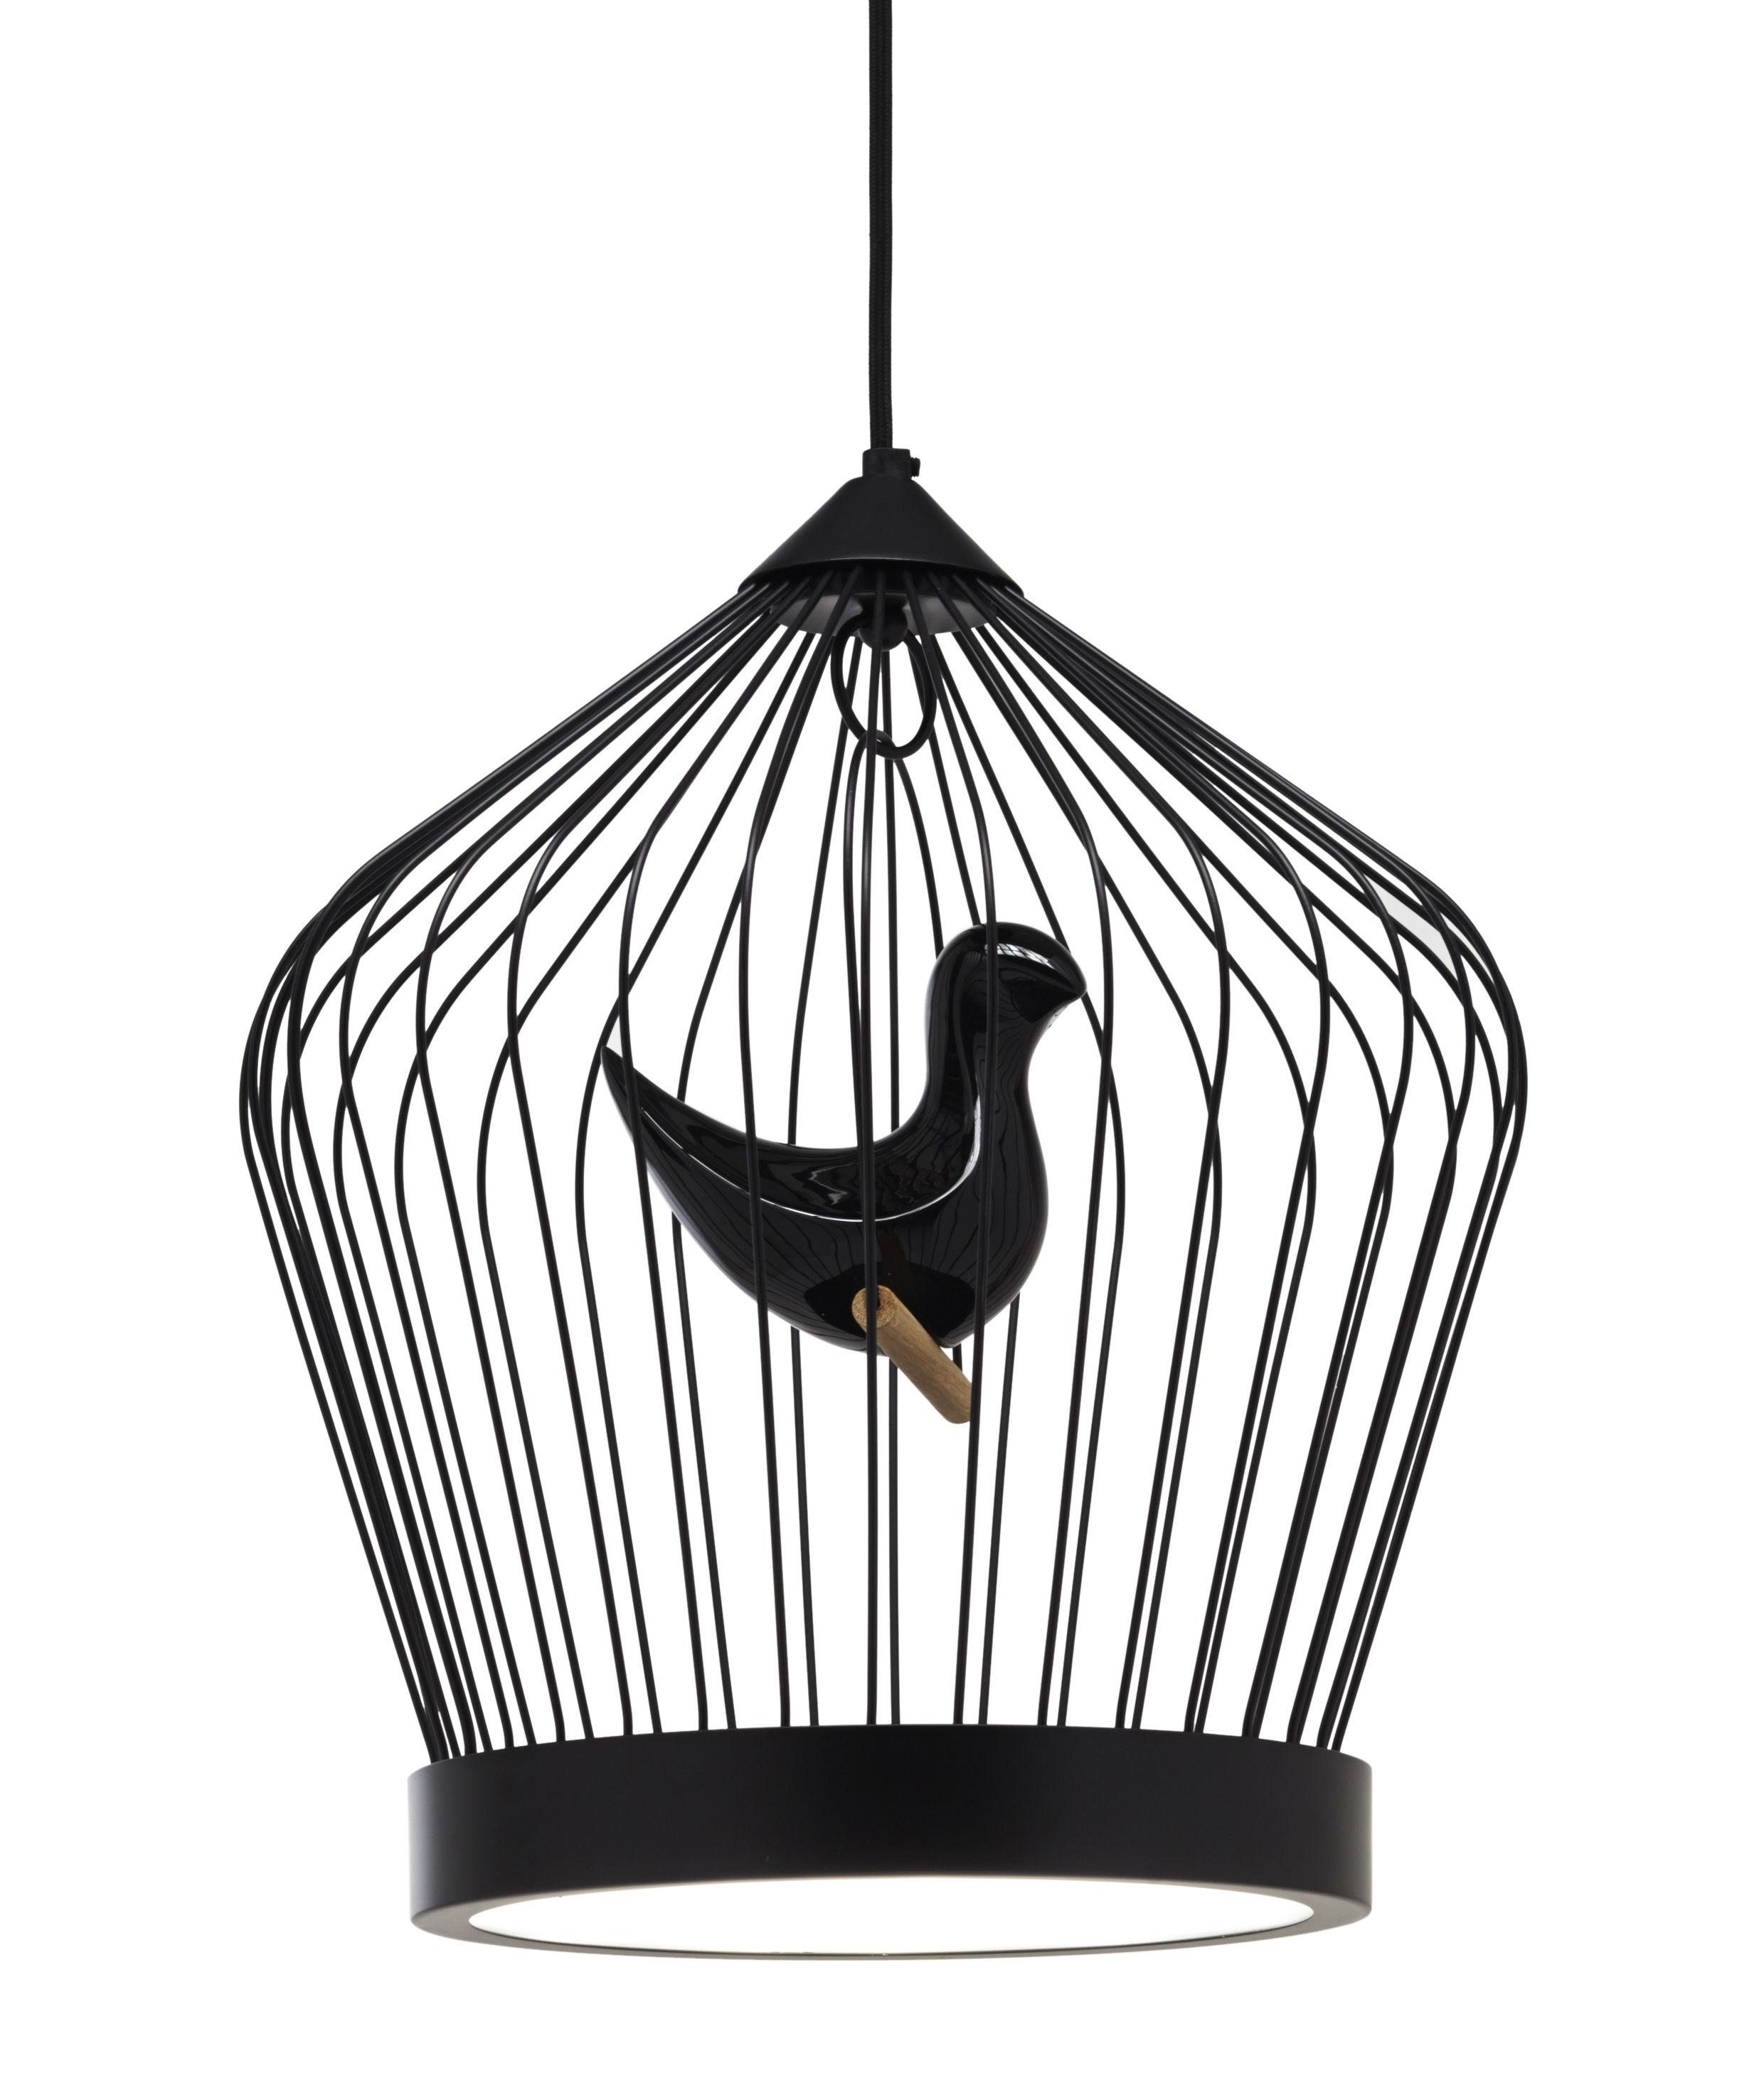 Illuminazione - Lampadari - Sospensione Twee T. Small - / LED - H 46 cm di Casamania - Nero - Ceramica, metallo verniciato